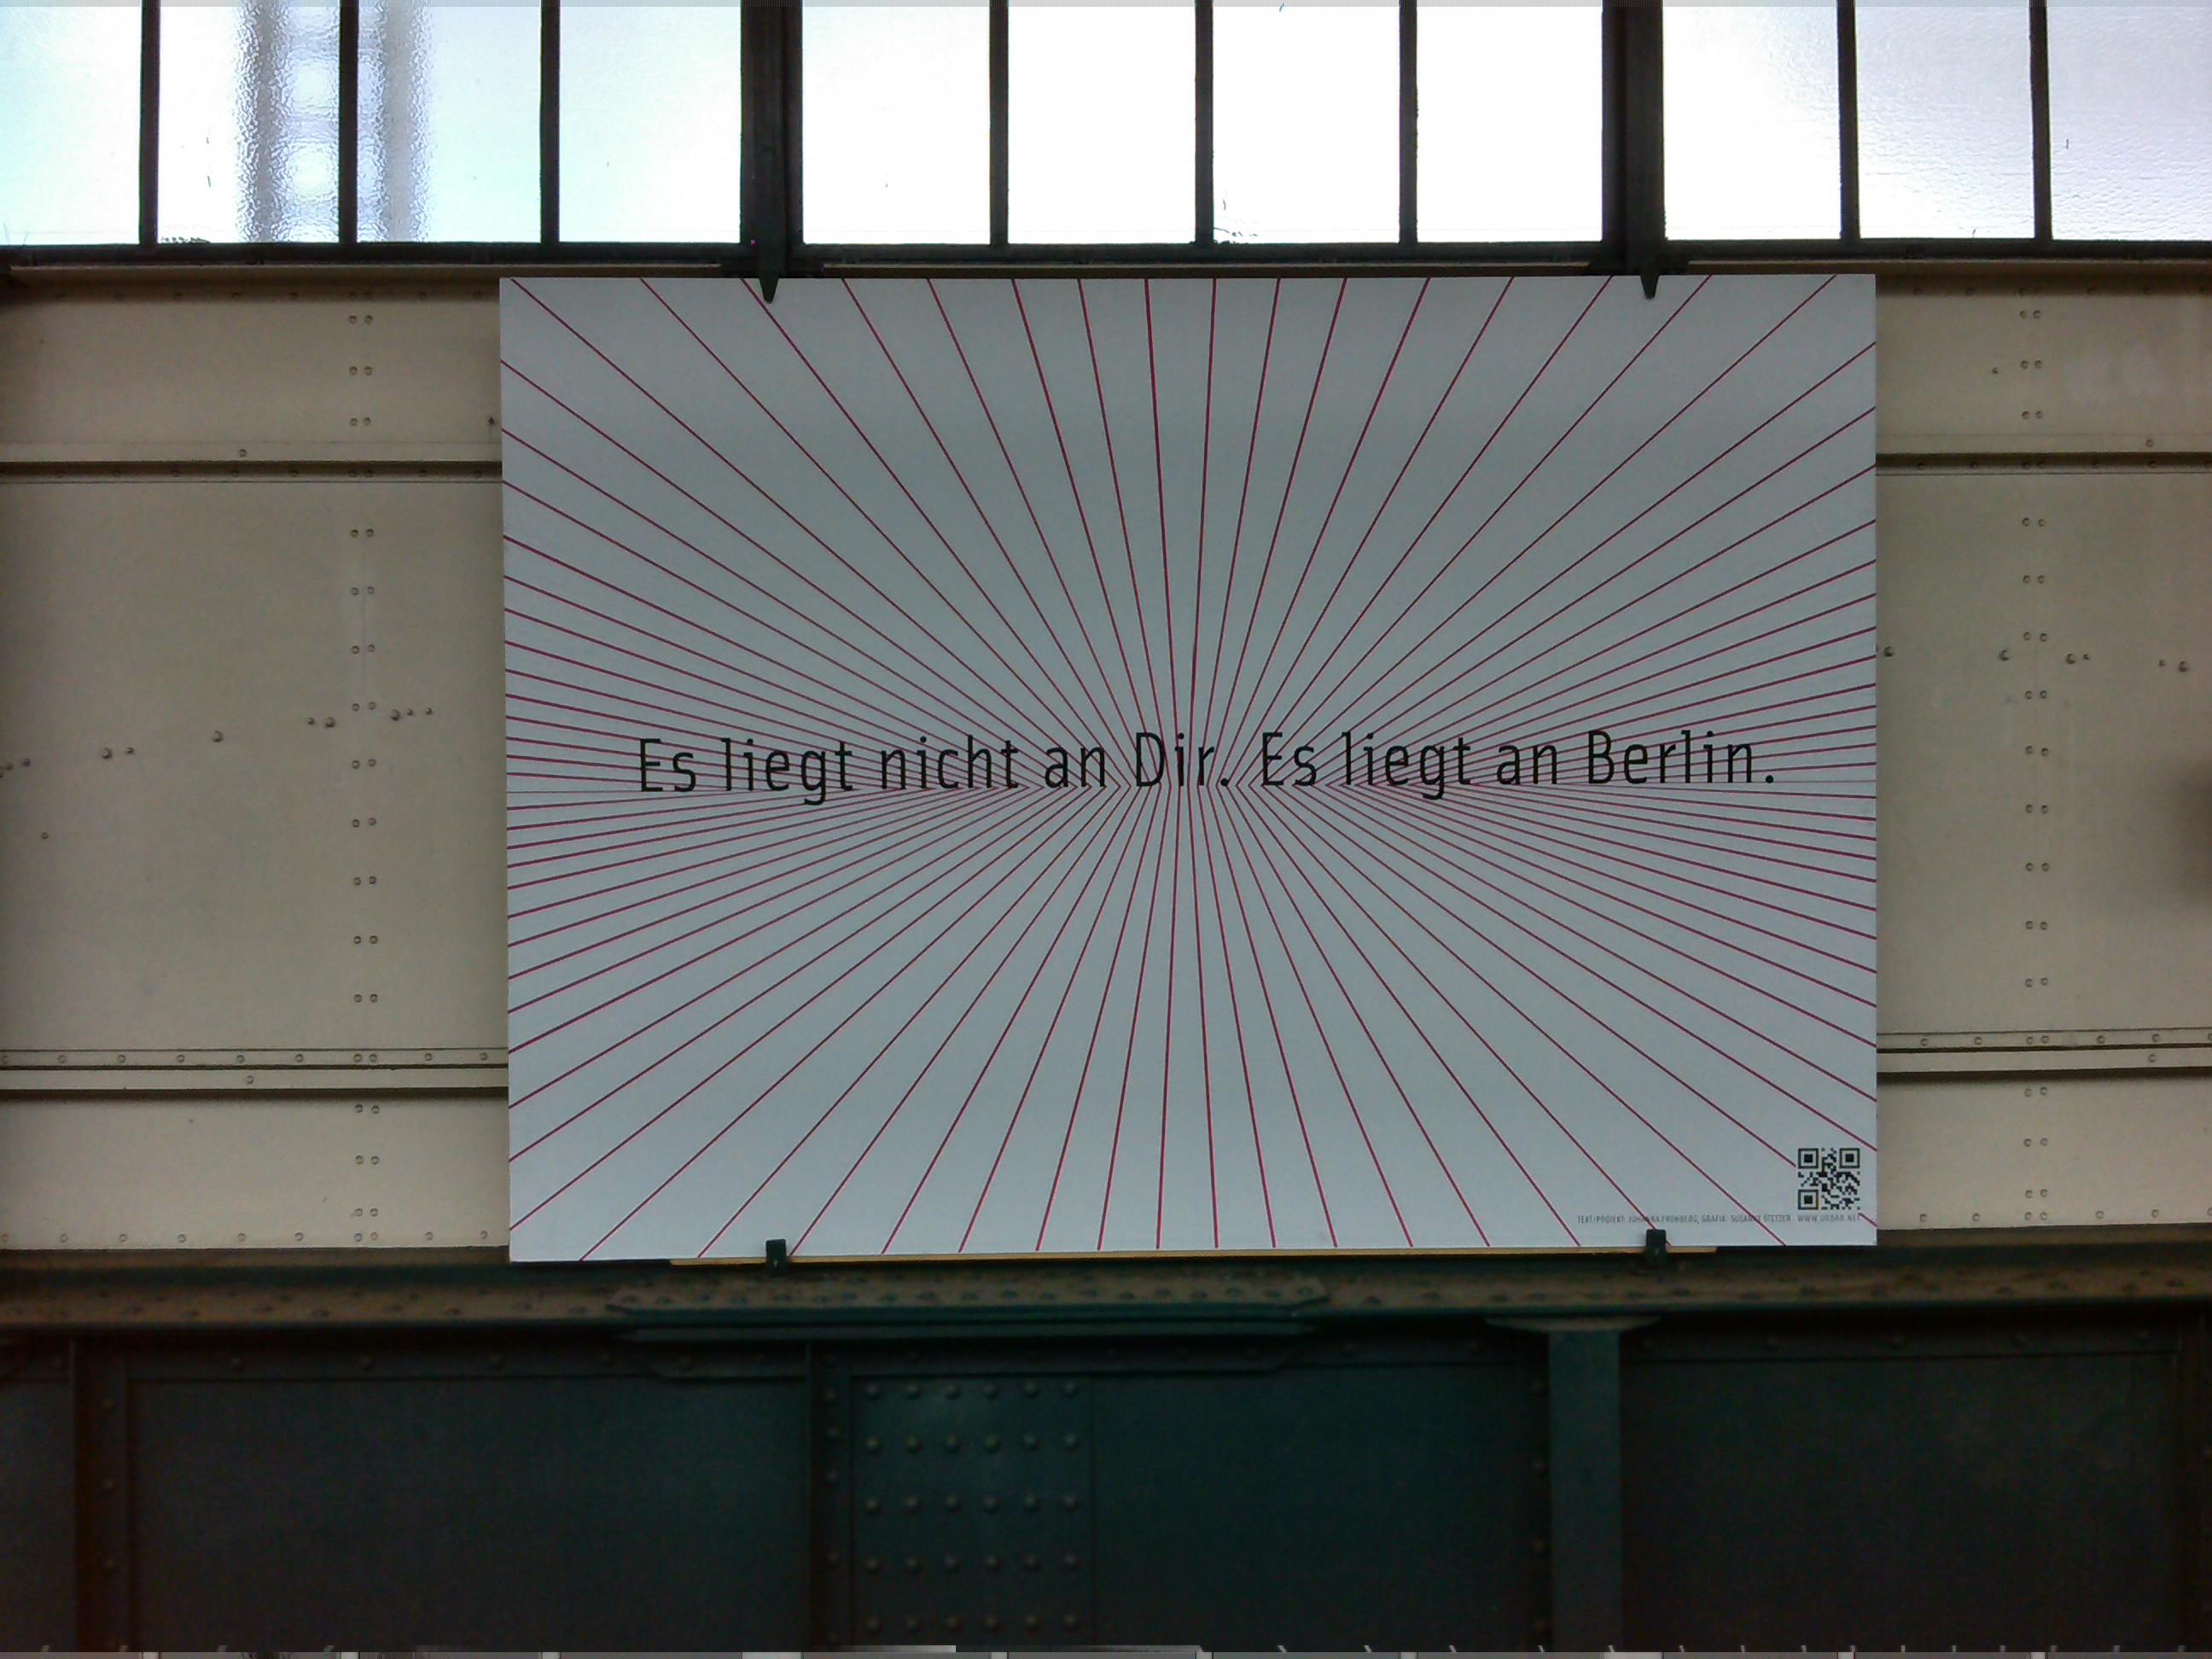 Es liegt nicht an Dir. Es liegt an Berlin.